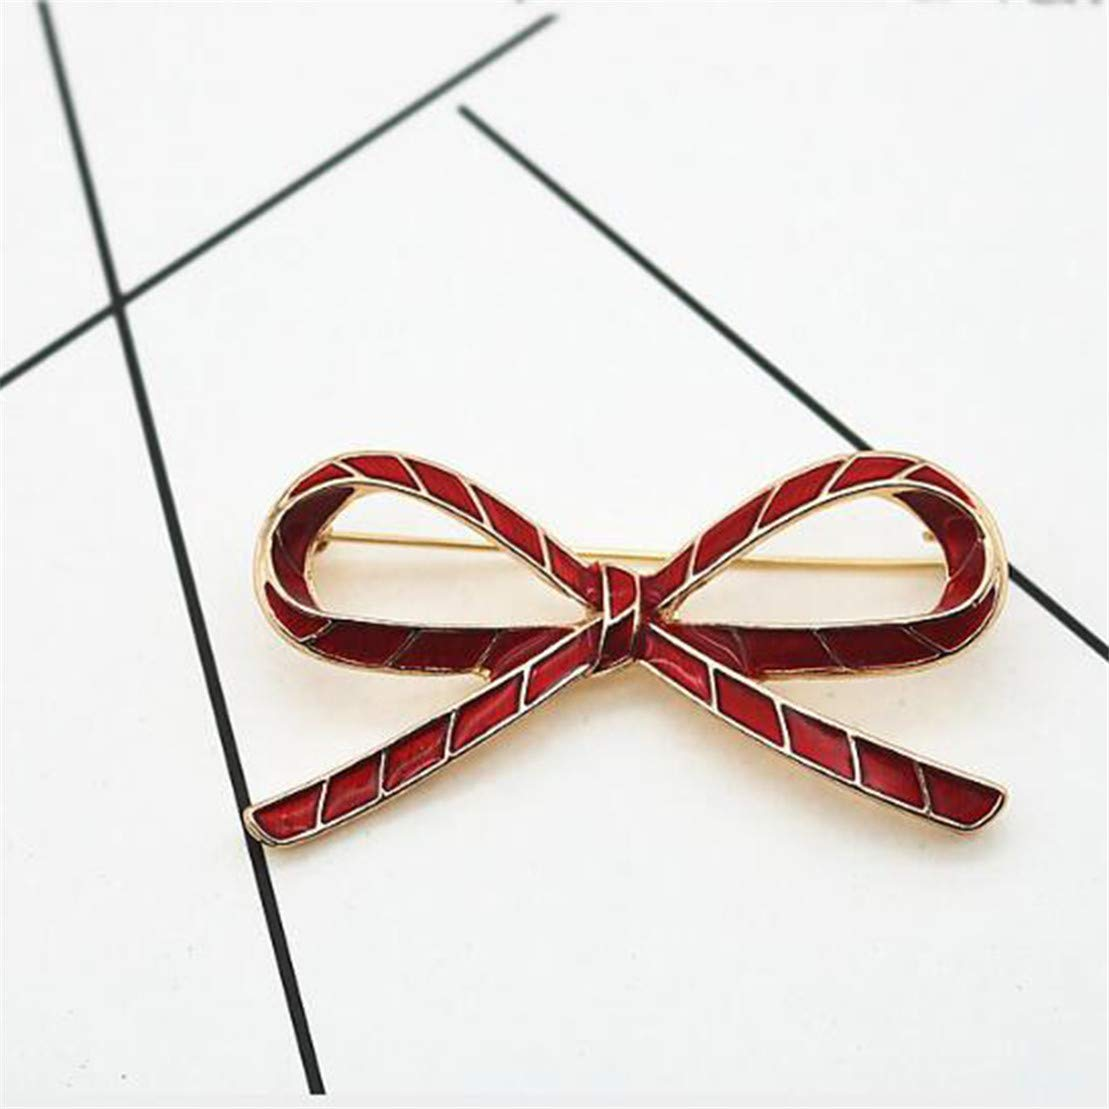 Kissherely /Él/égant Arc Rouge Broche Broche pour Femmes en M/étal /Émail Badge /Écharpe Clip V/êtements D/écor Accessoires